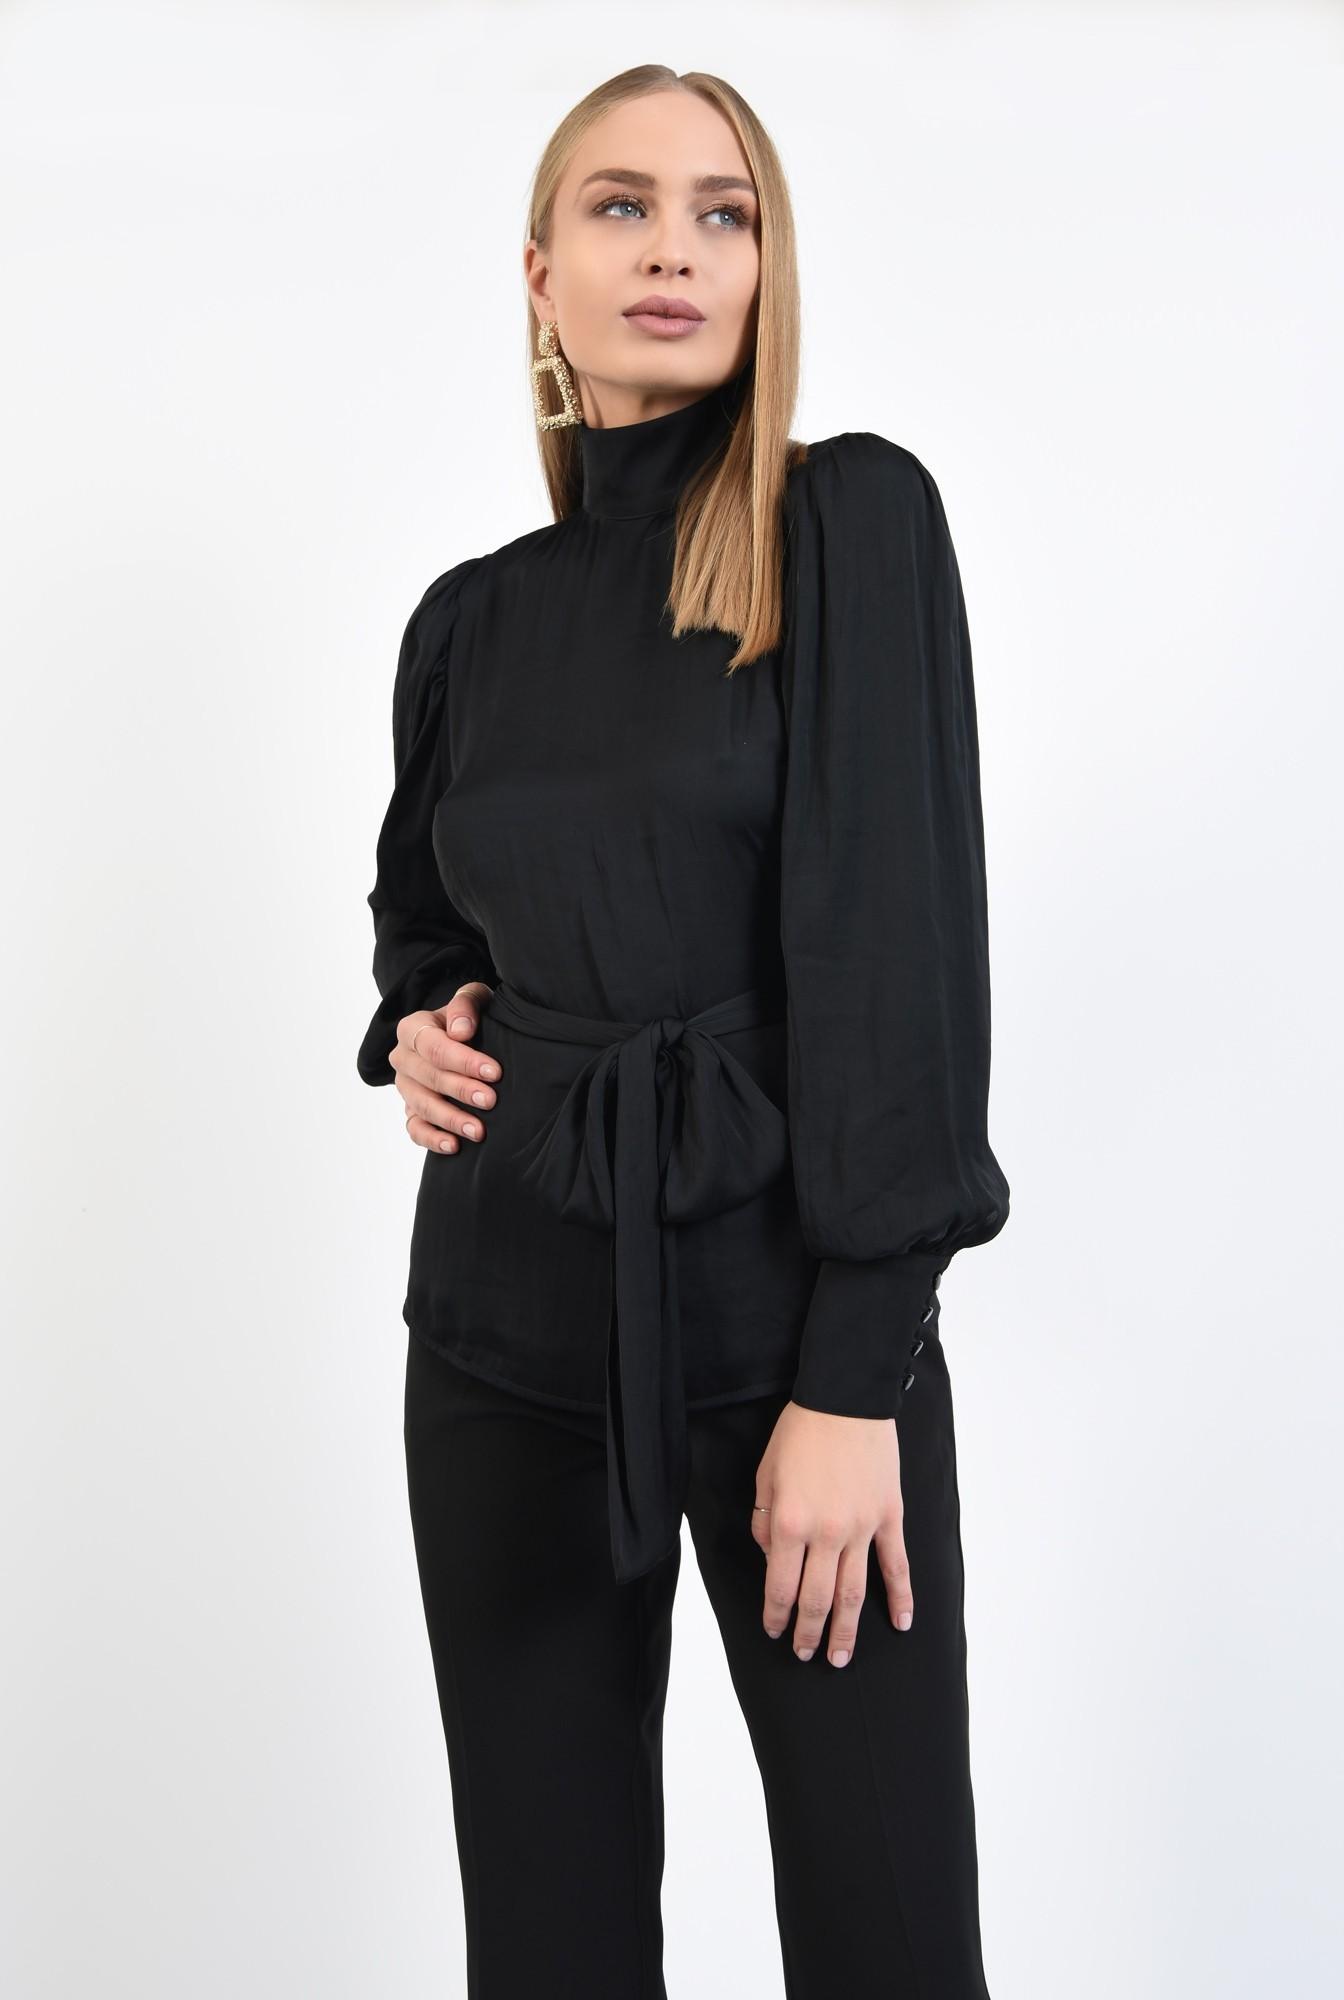 0 - bluza de ocazie, neagra, cu spate decoltat in V, funda in fata sau in spate